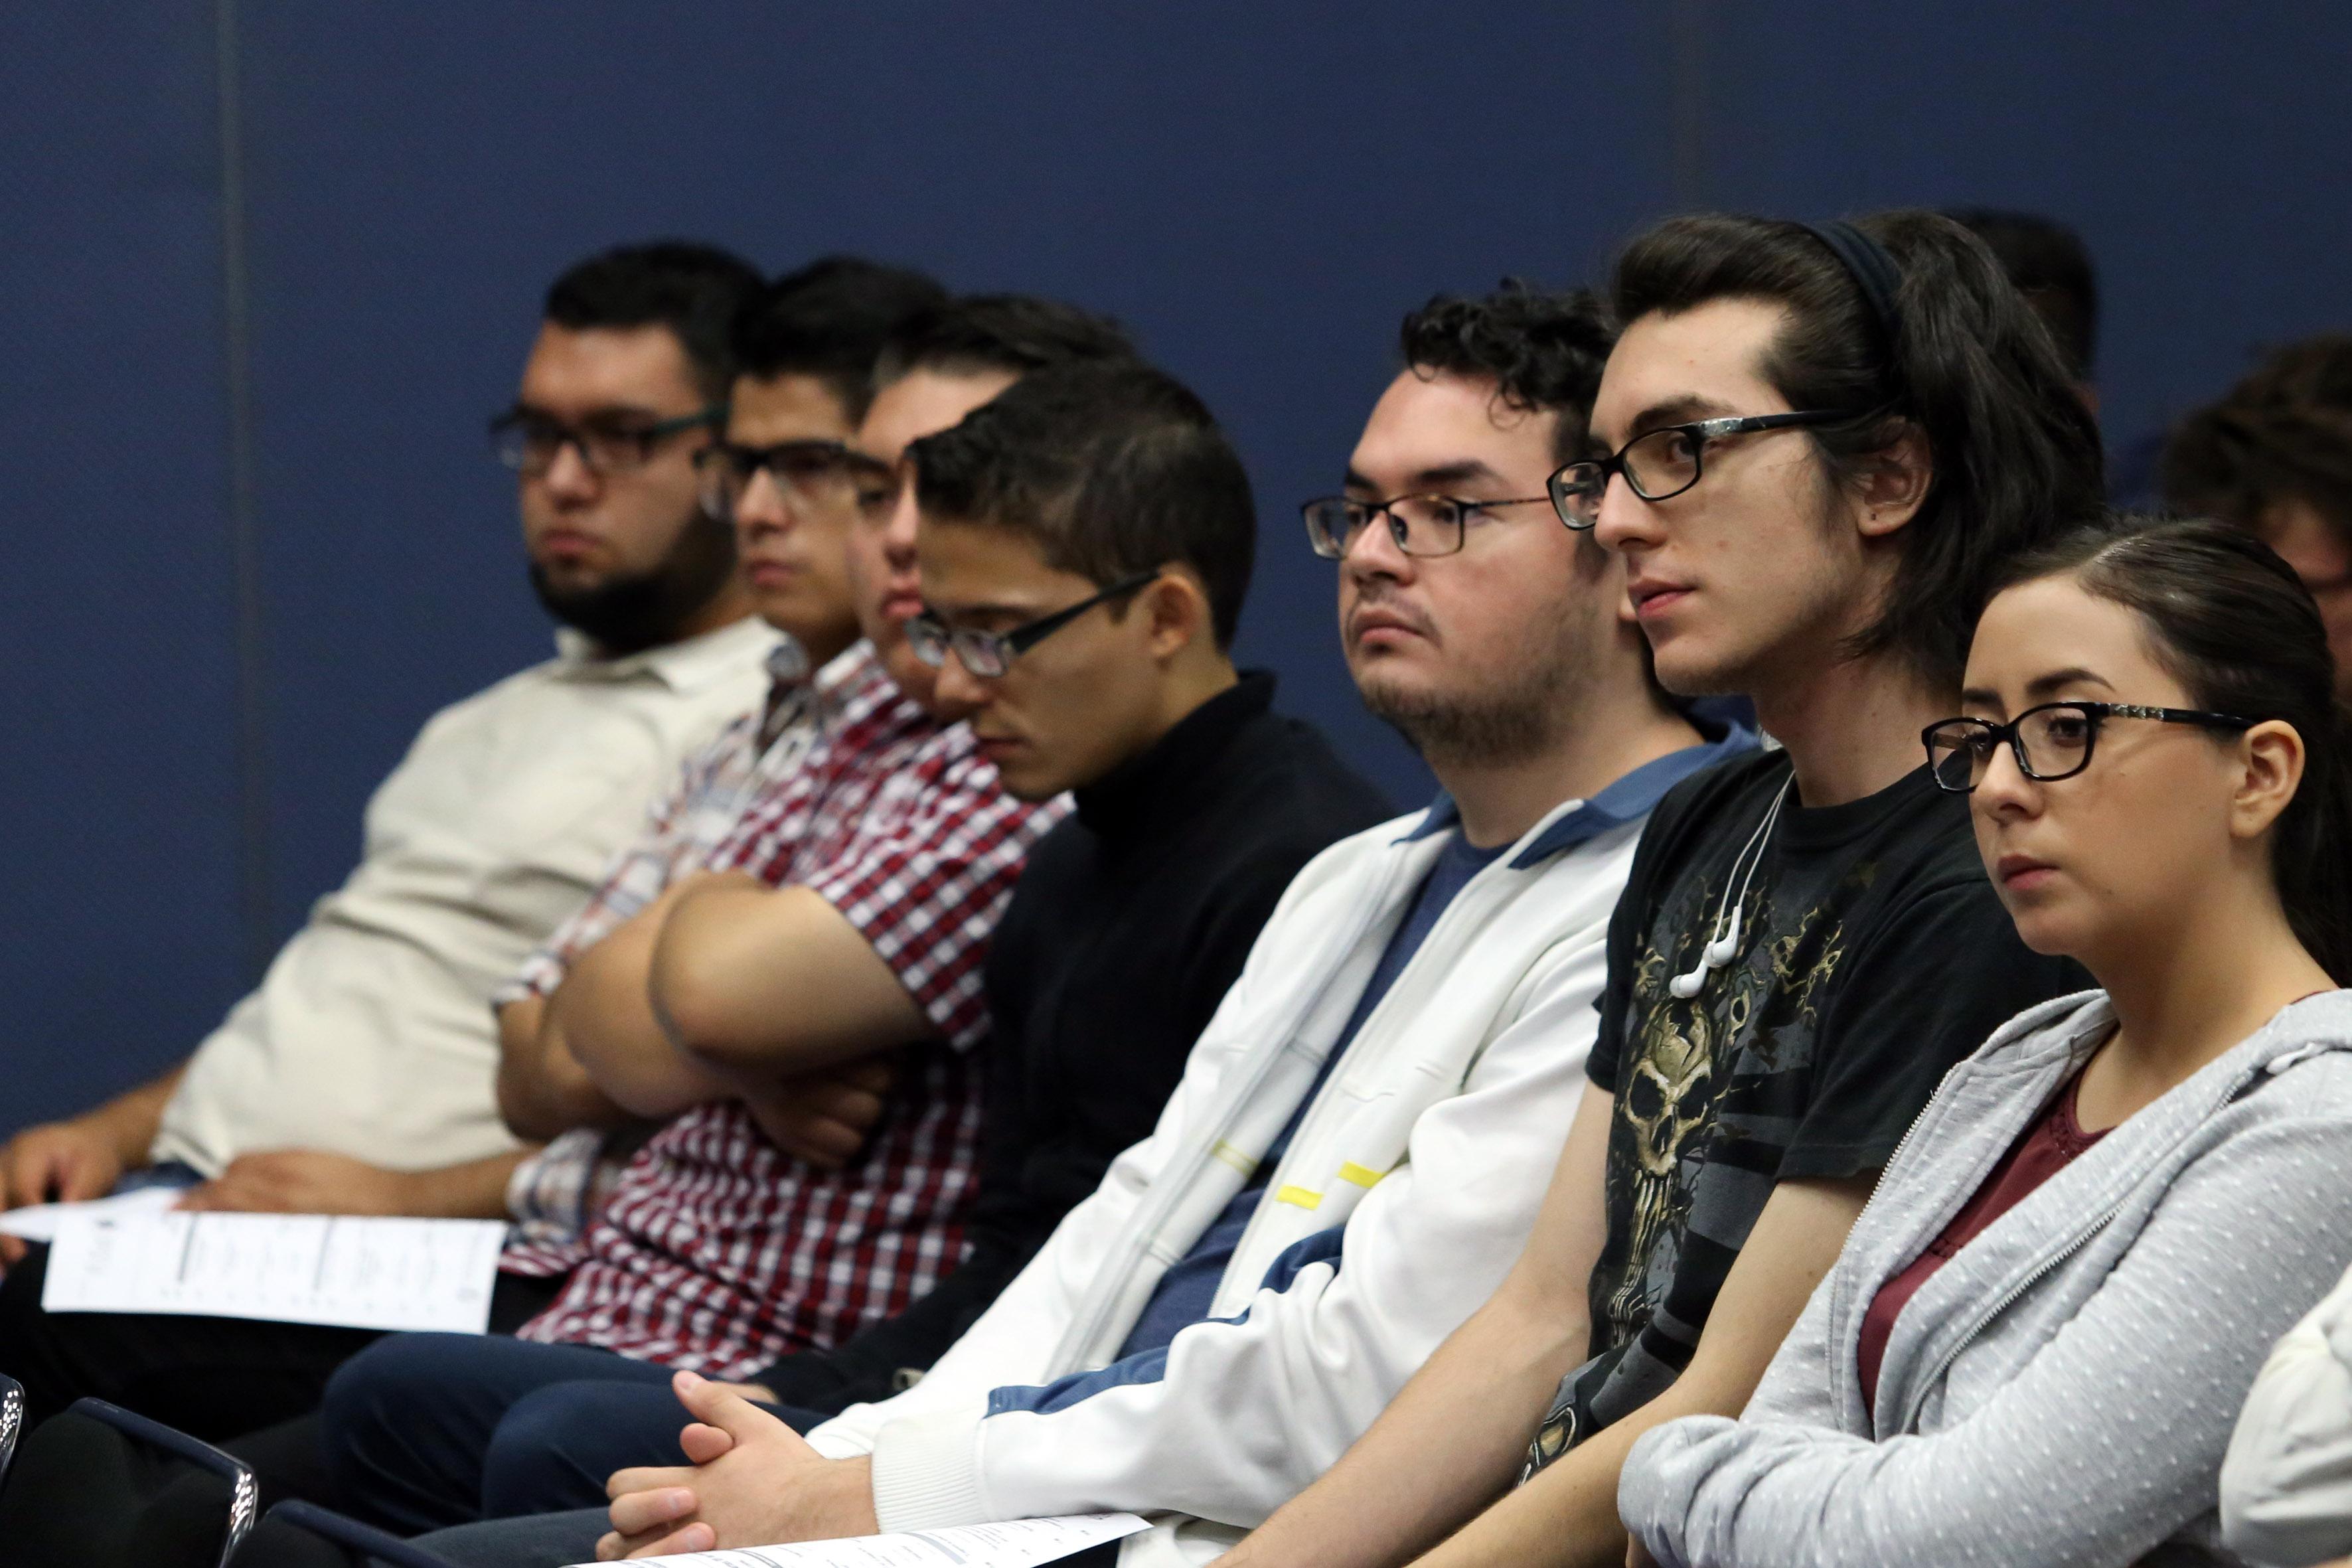 Estudiantes asistentes a la inaguración del Festival Latinoamericano de Instalación de Software Libre.